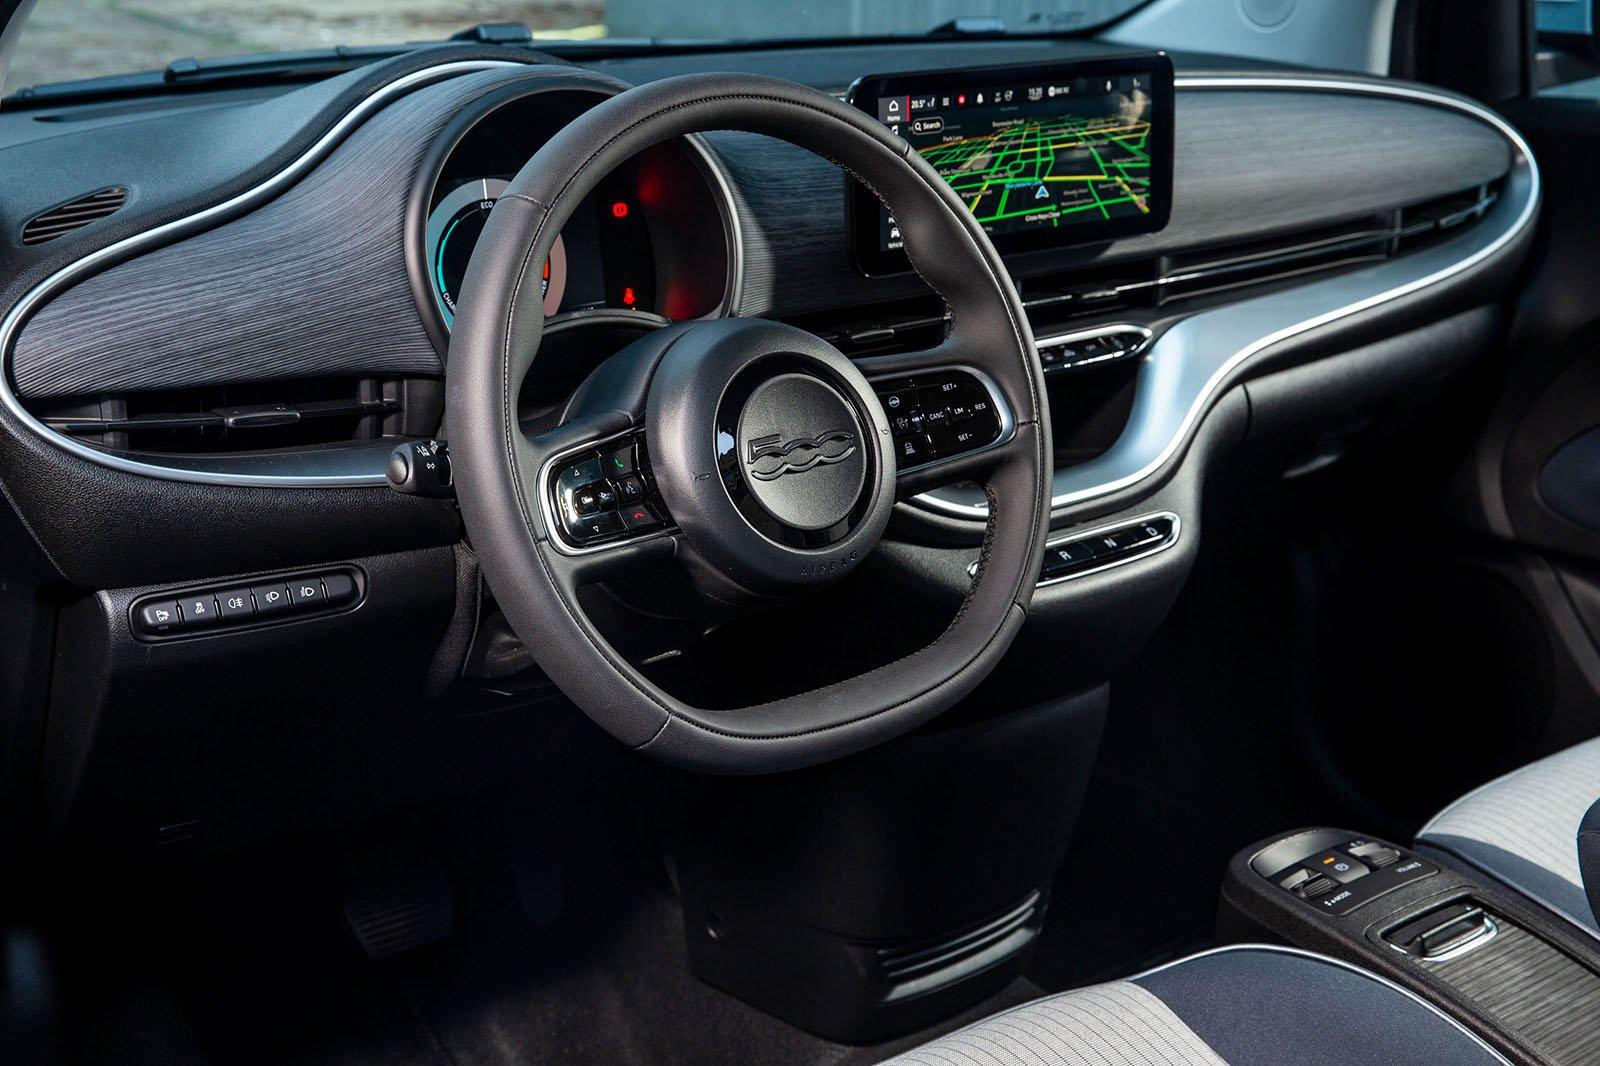 Fiat 500 Cabrio 2021 dashboard